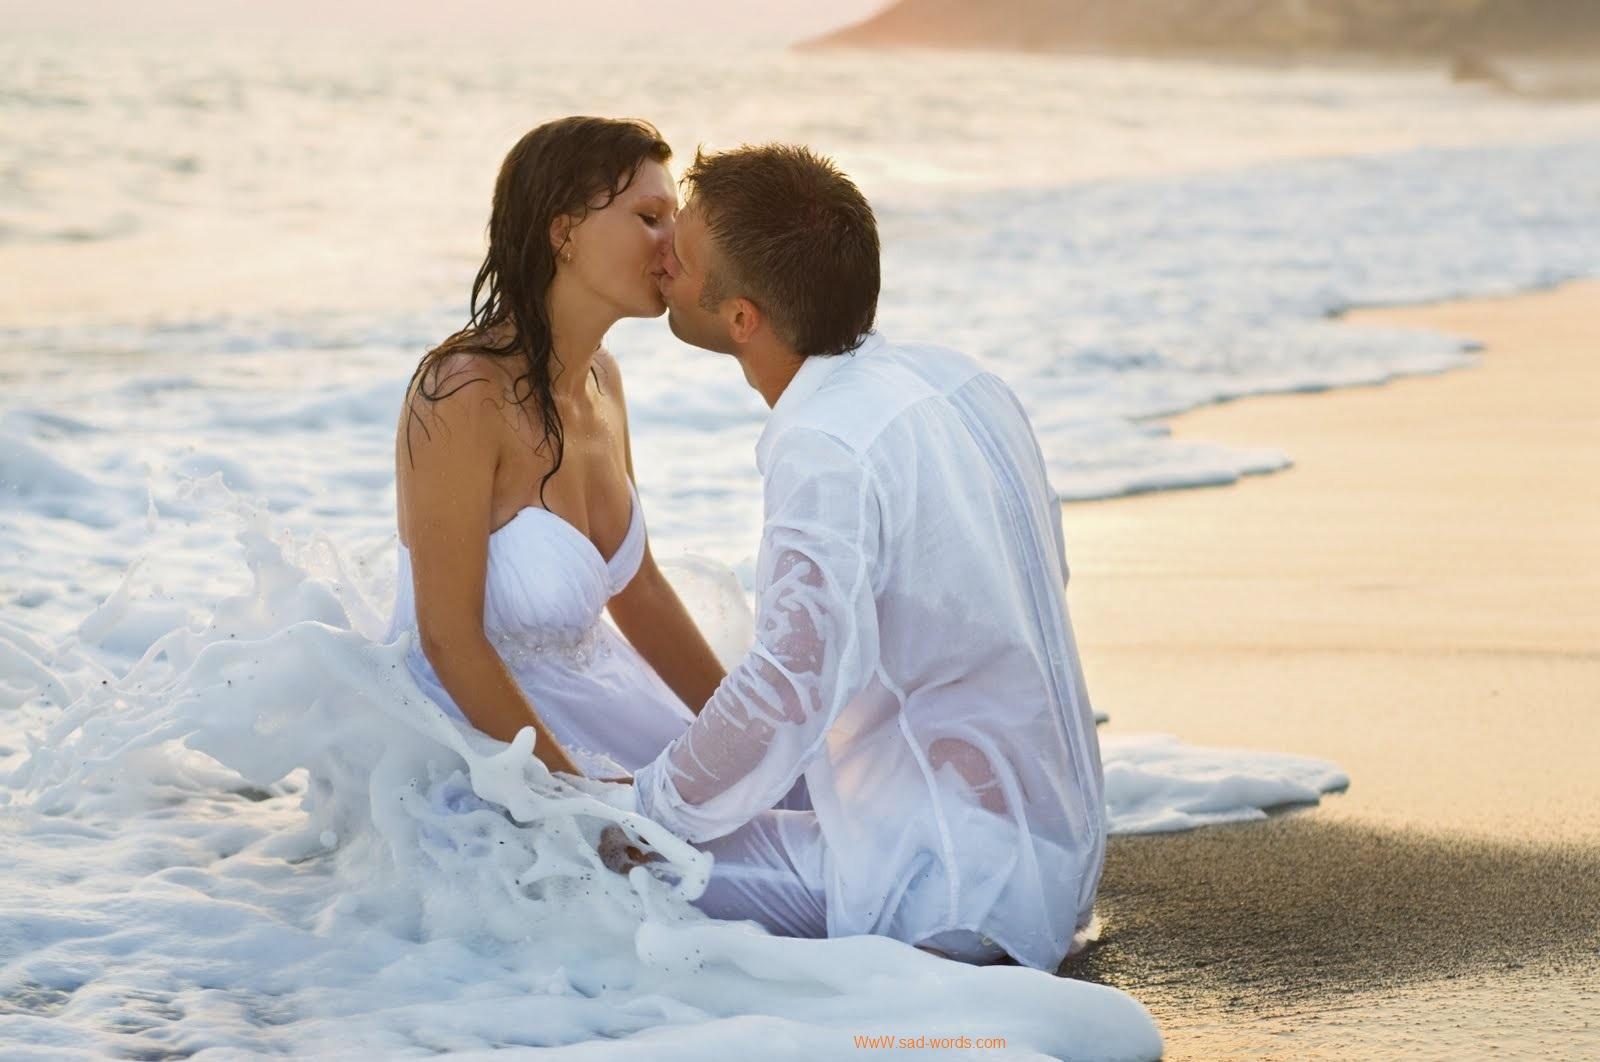 بالصور صور اجمل قبلة ساخنة على مستوى العالم صور قبلات رومانسية جد 2019 116 3